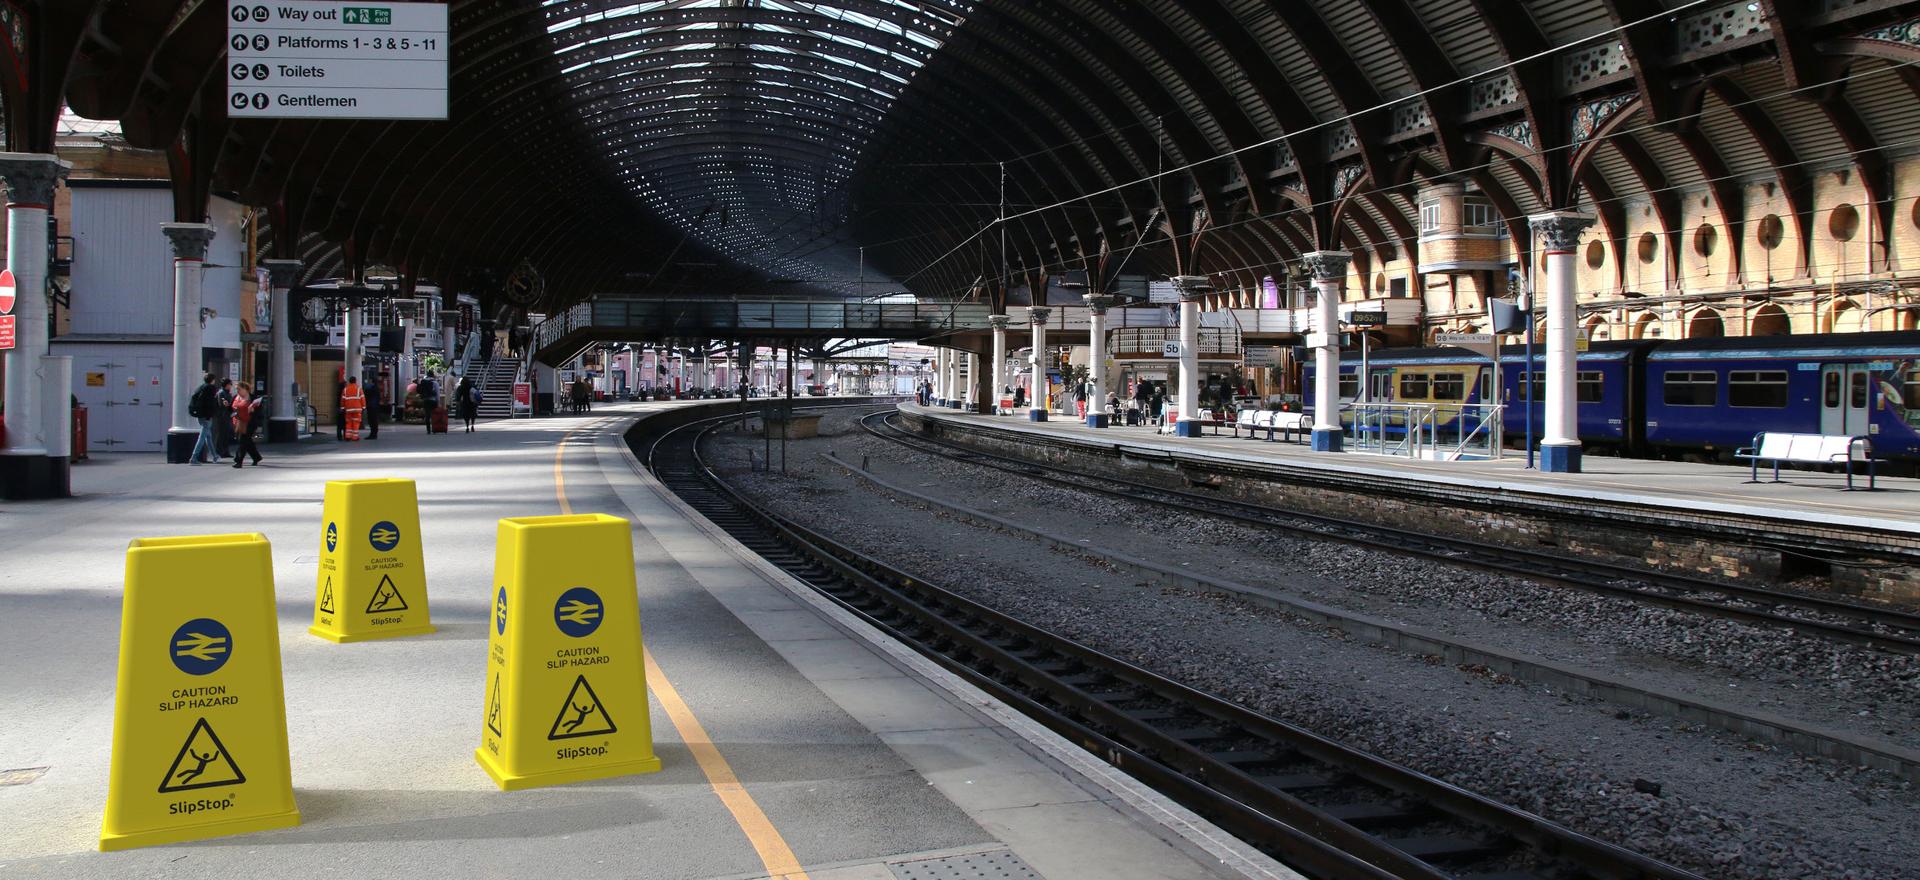 SlipStop Cone branded National Rail